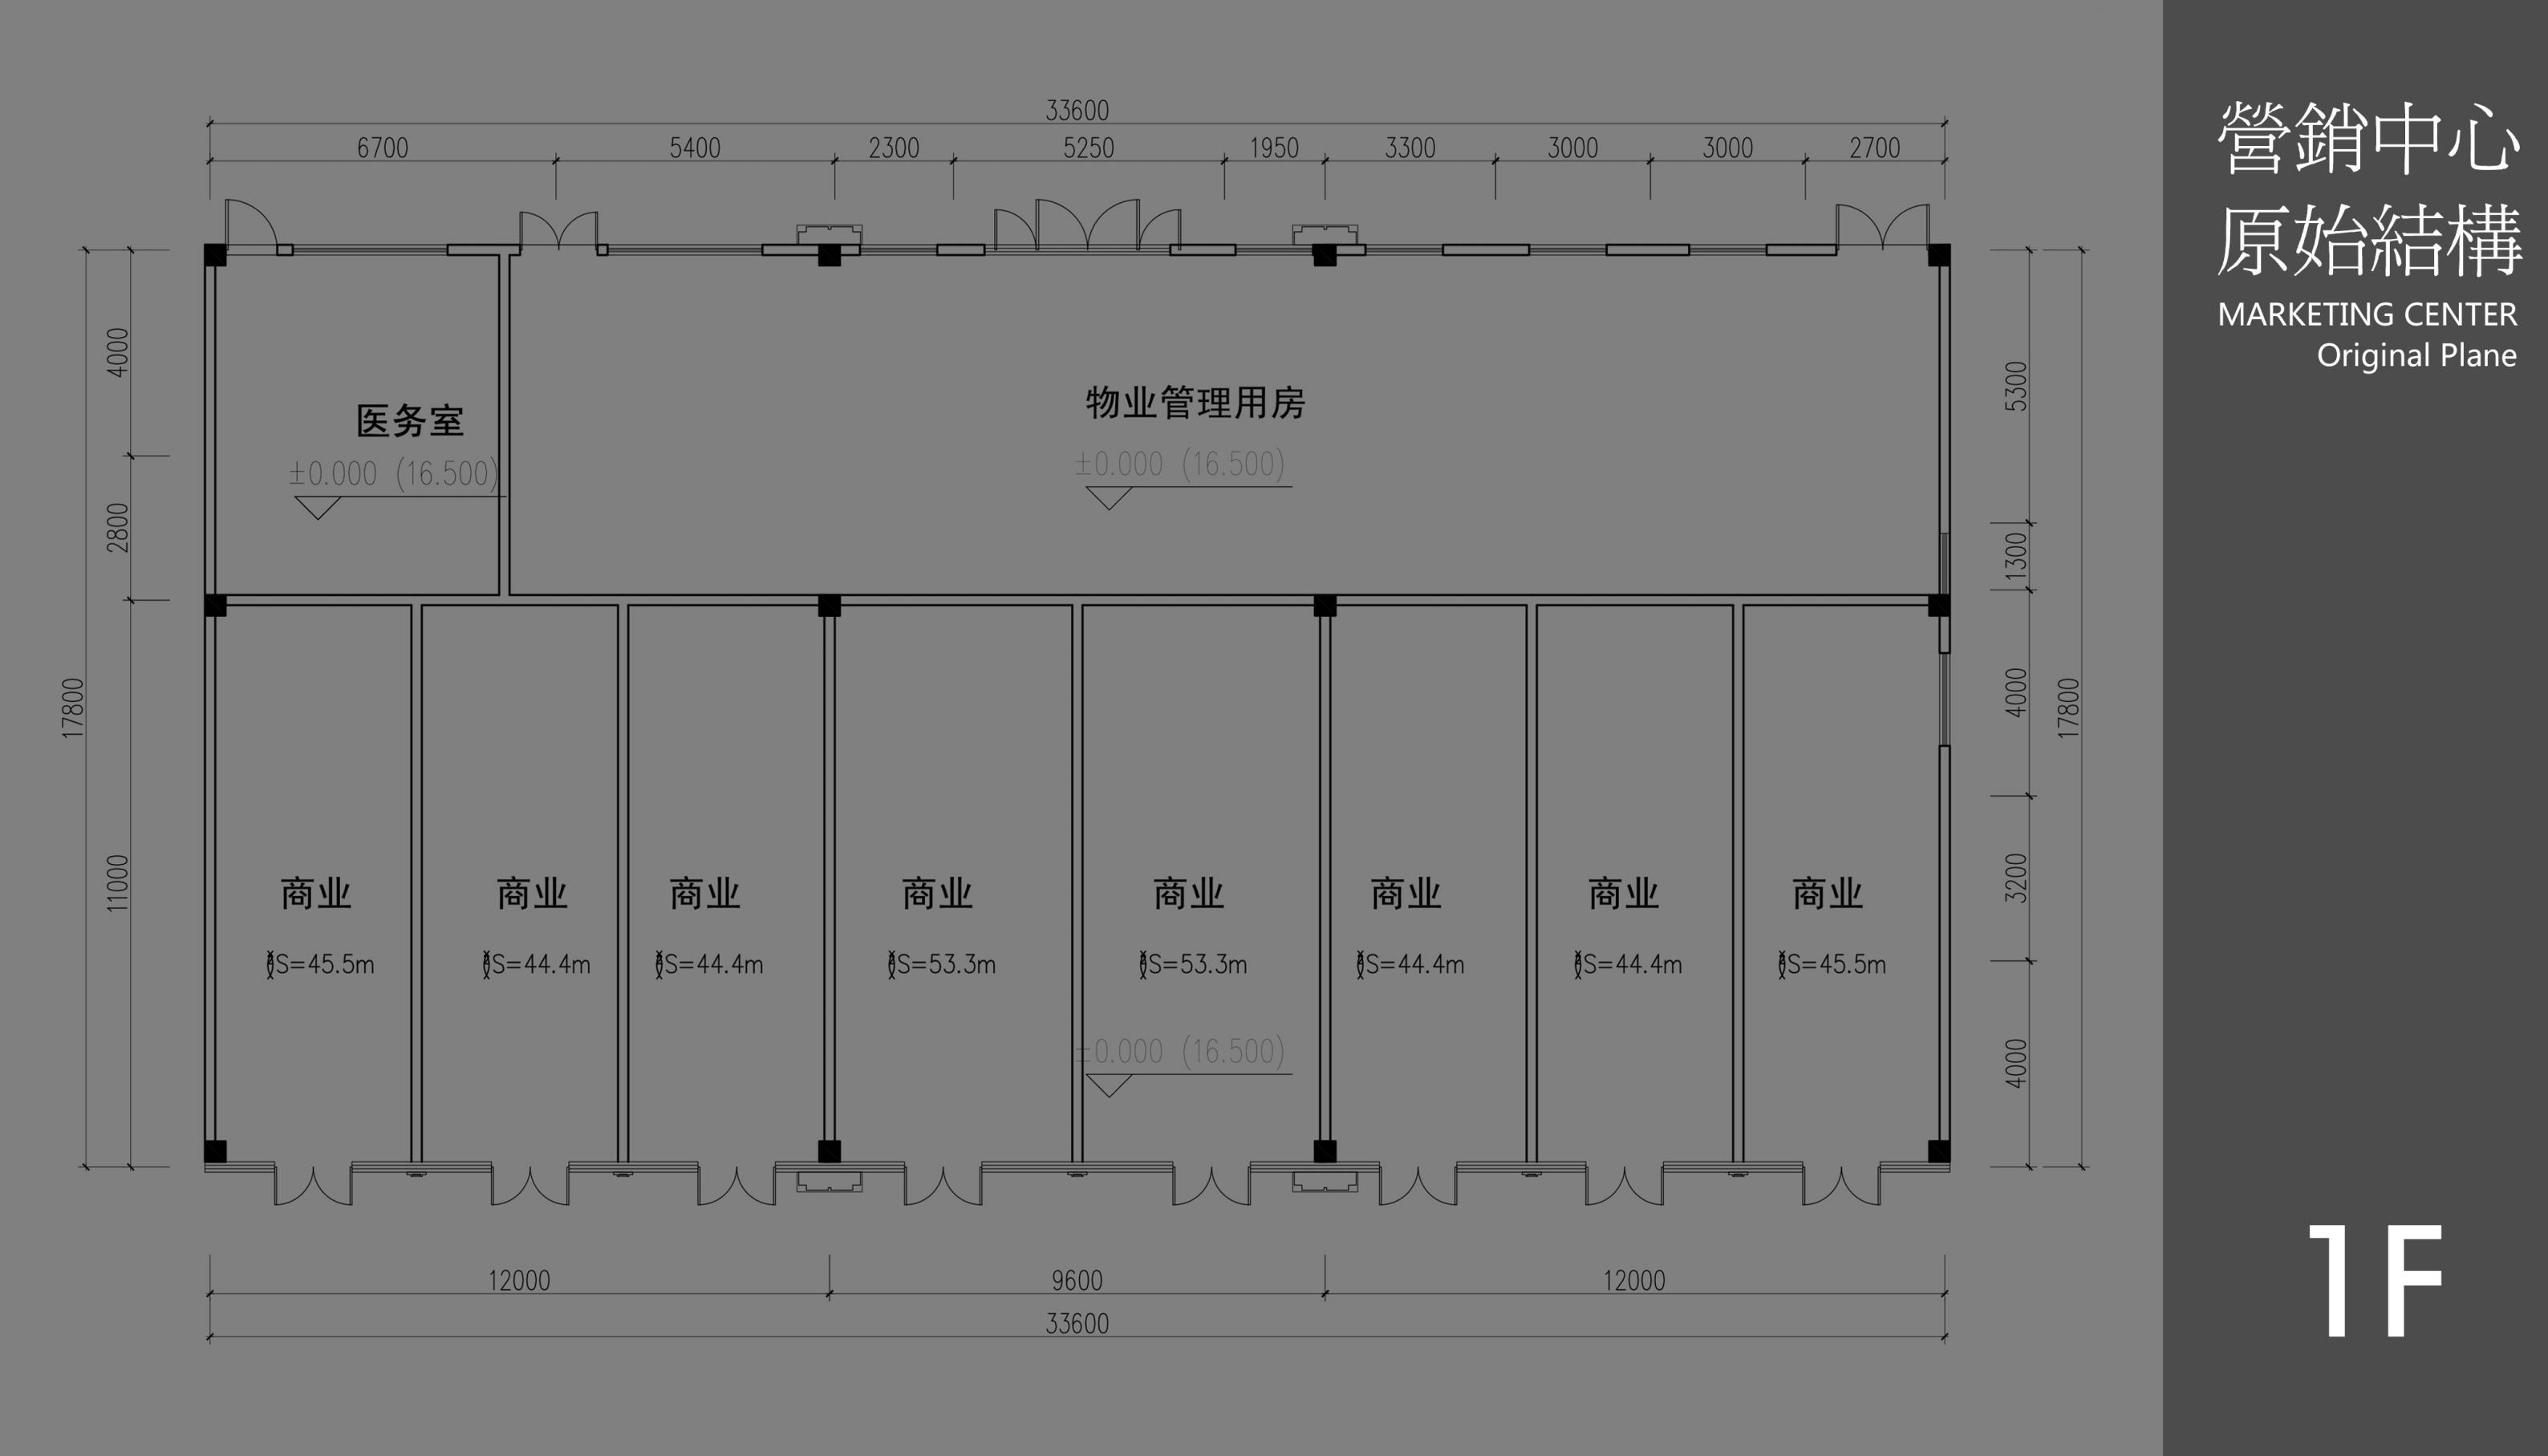 2019-12-06-力高惠州云峰营销中心方案册_13.jpg